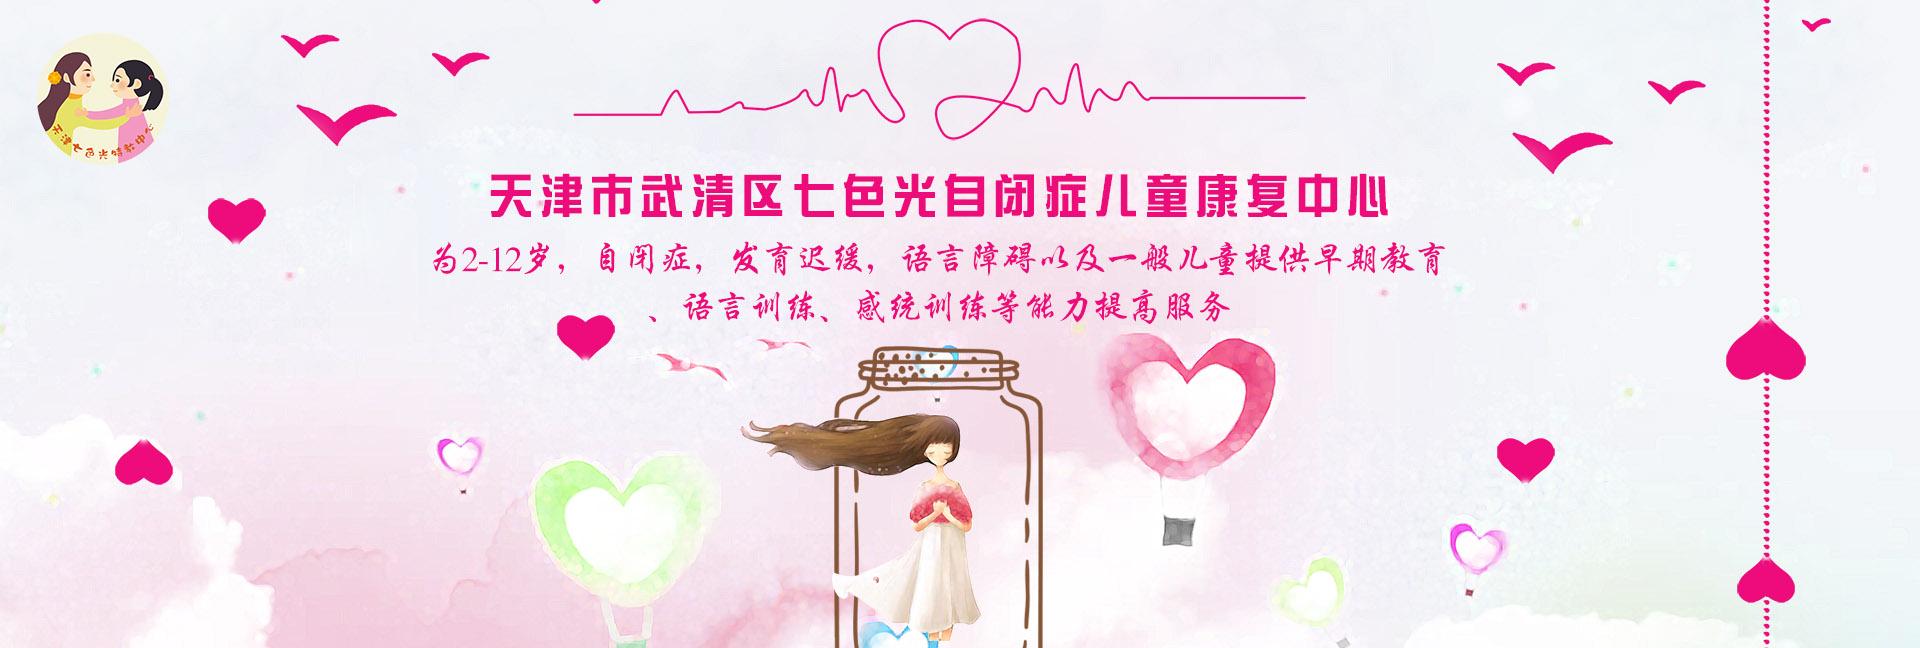 孩子不爱与人玩、不怎么说话,是天津自闭症吗?